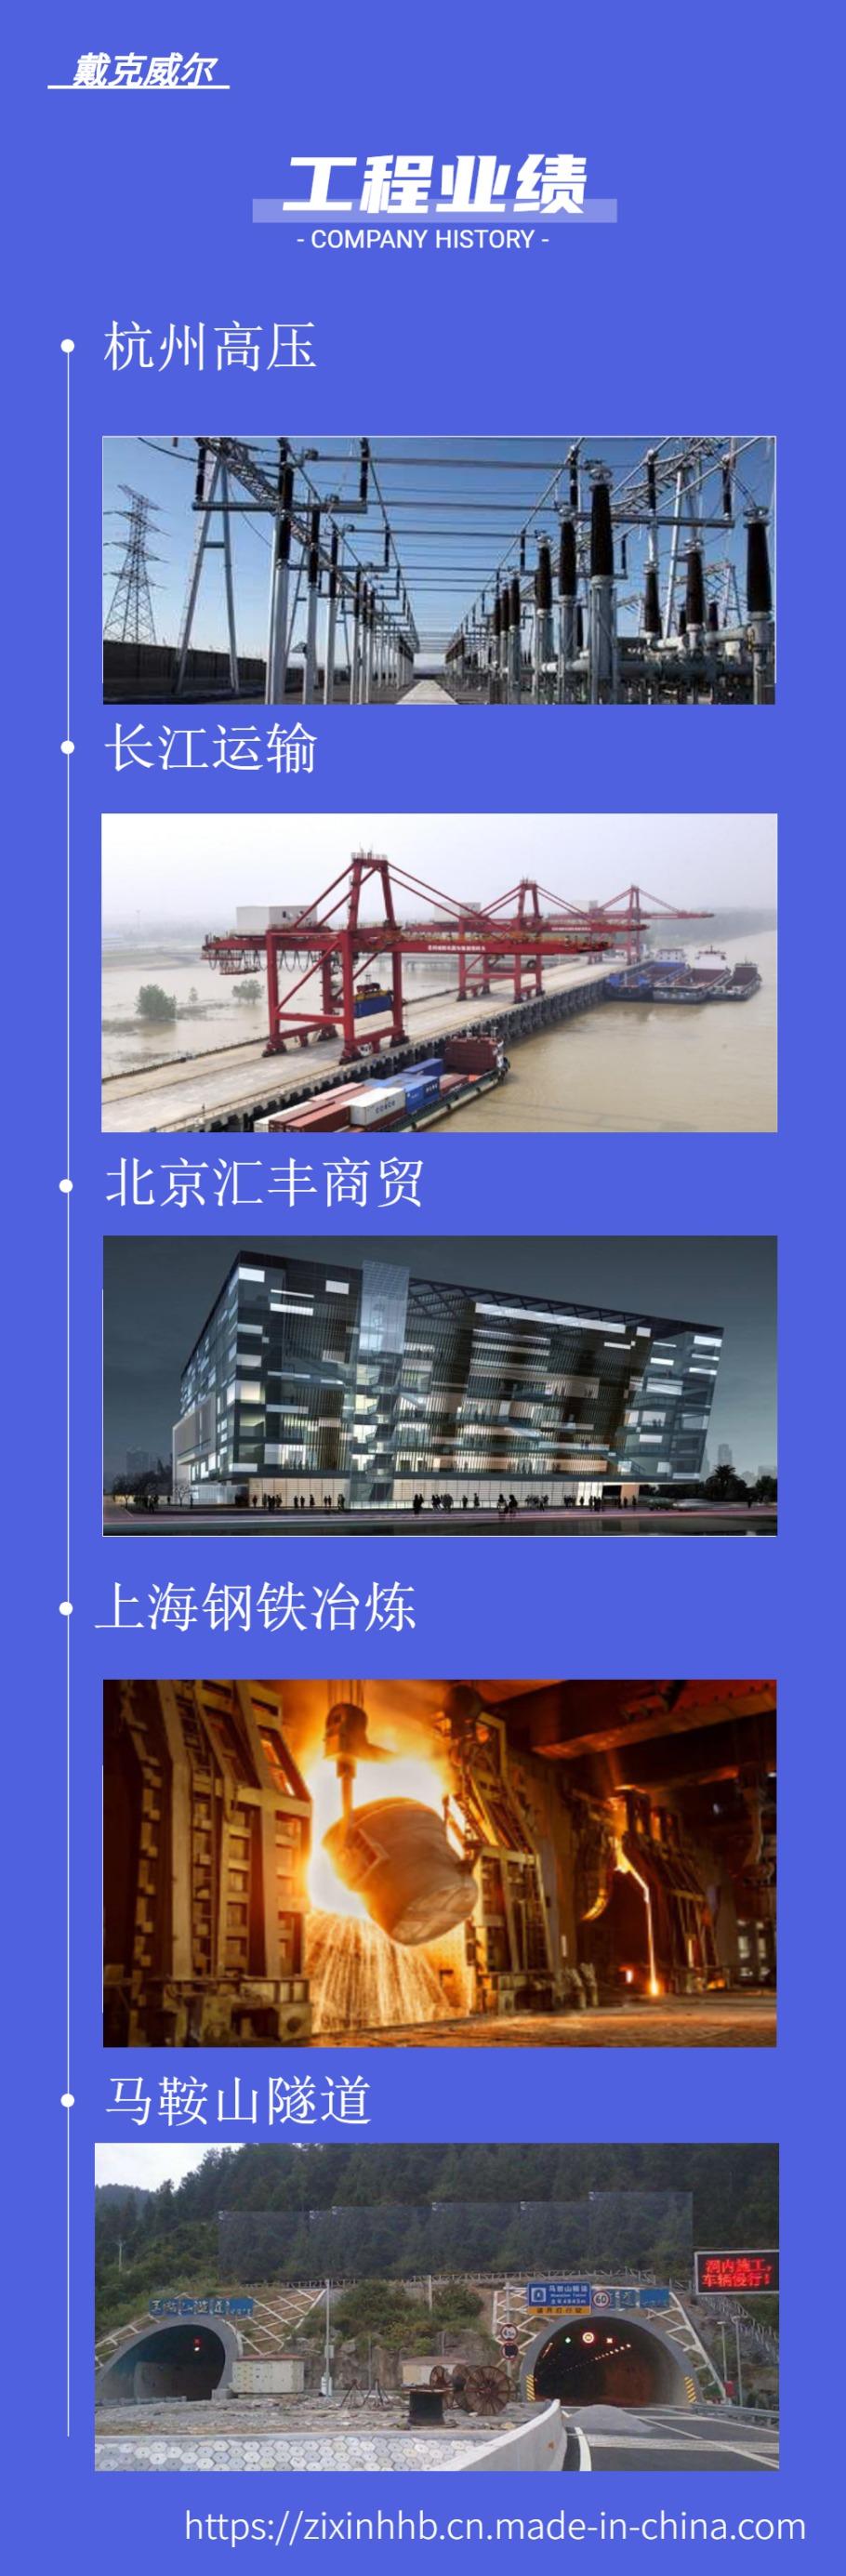 企业官网品牌介绍宣传产品推广长图-2.png